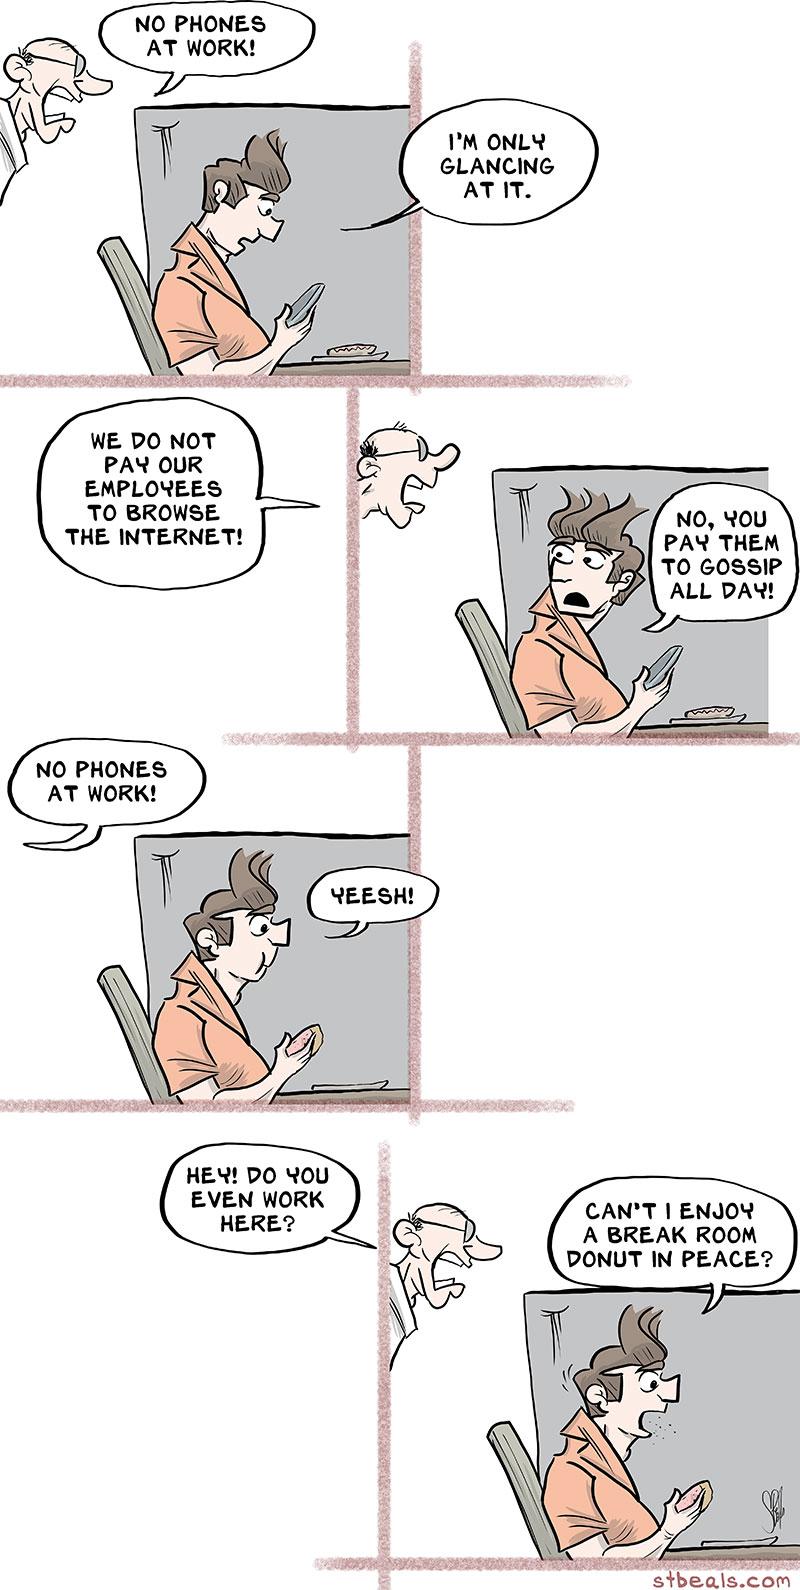 no_phones.jpg